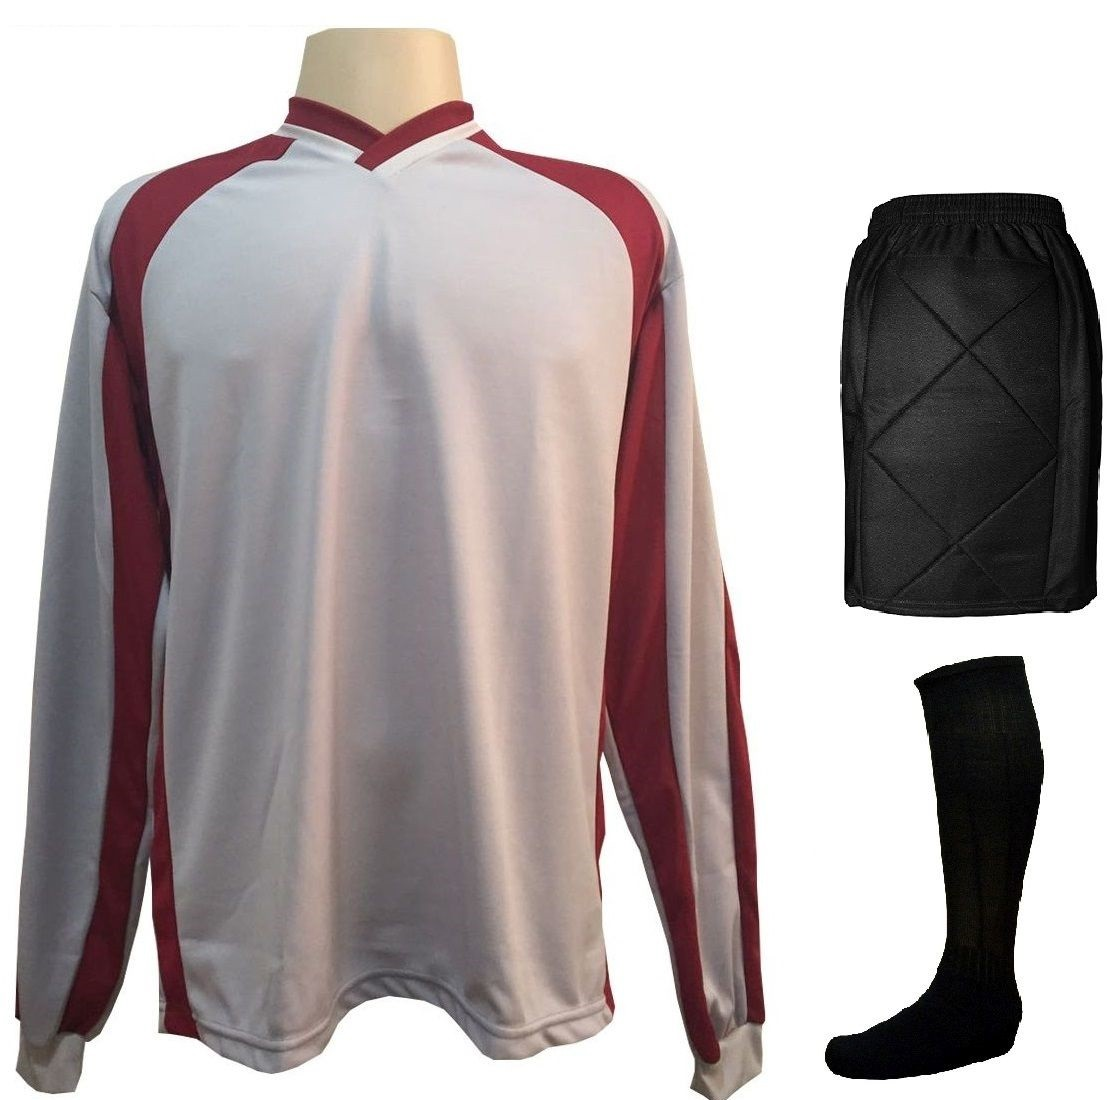 Fardamento Completo modelo City 18+1 (18 Camisas Royal/Branco + 18 Calções Madrid Branco + 18 Pares de Meiões Brancos + 1 Conjunto de Goleiro) + Brindes